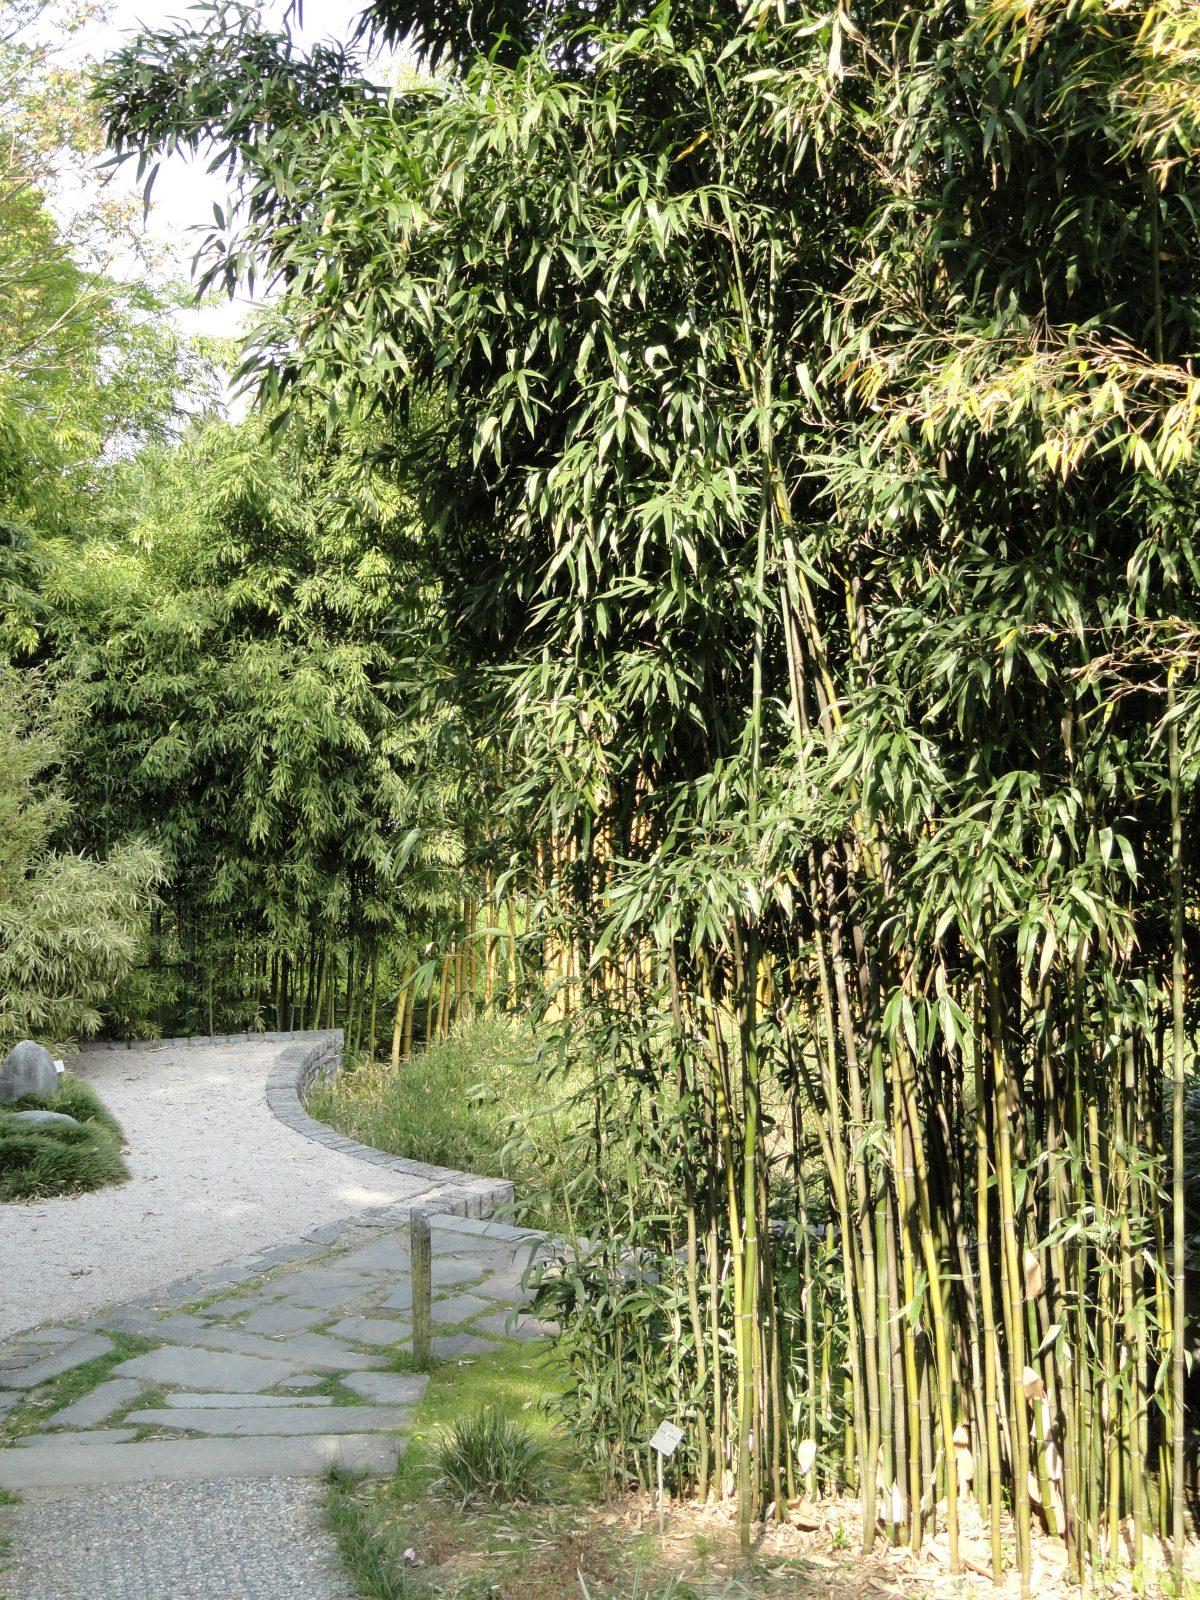 Semiarundinaria fastuosa, un bambú invasivo muy utilizado como cortavientos